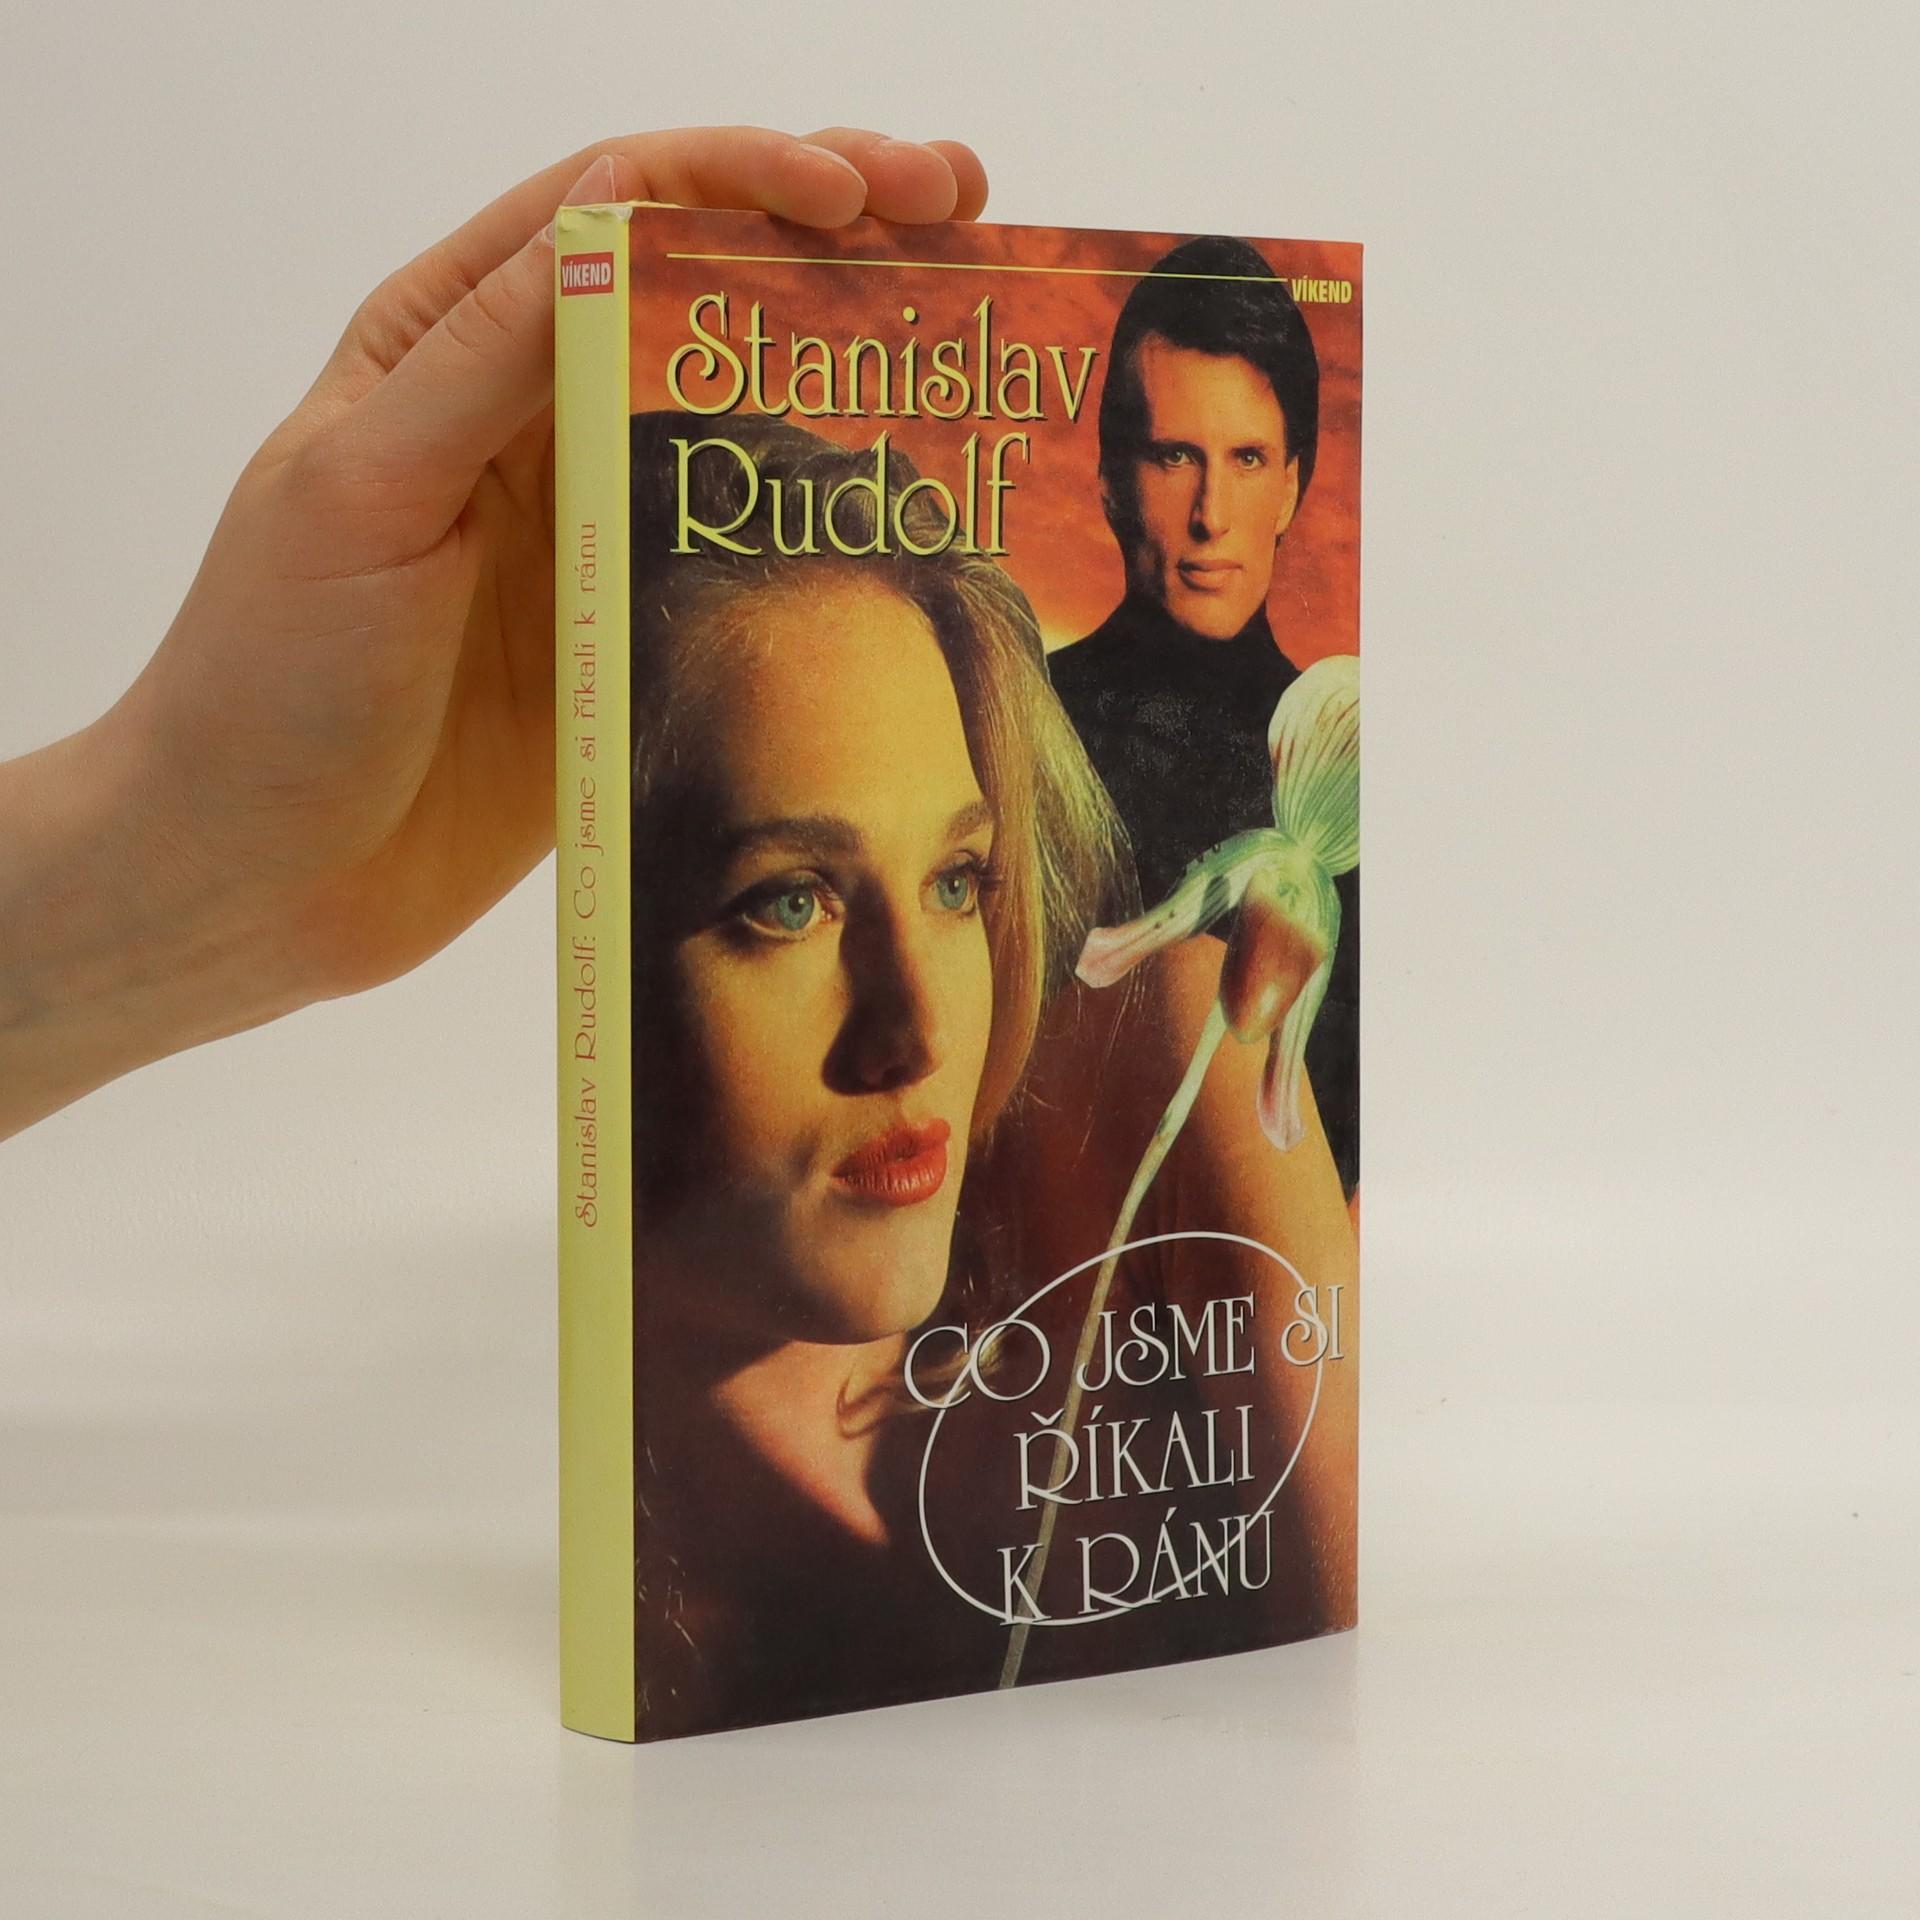 antikvární kniha Co jsme si říkali k ránu, 1994